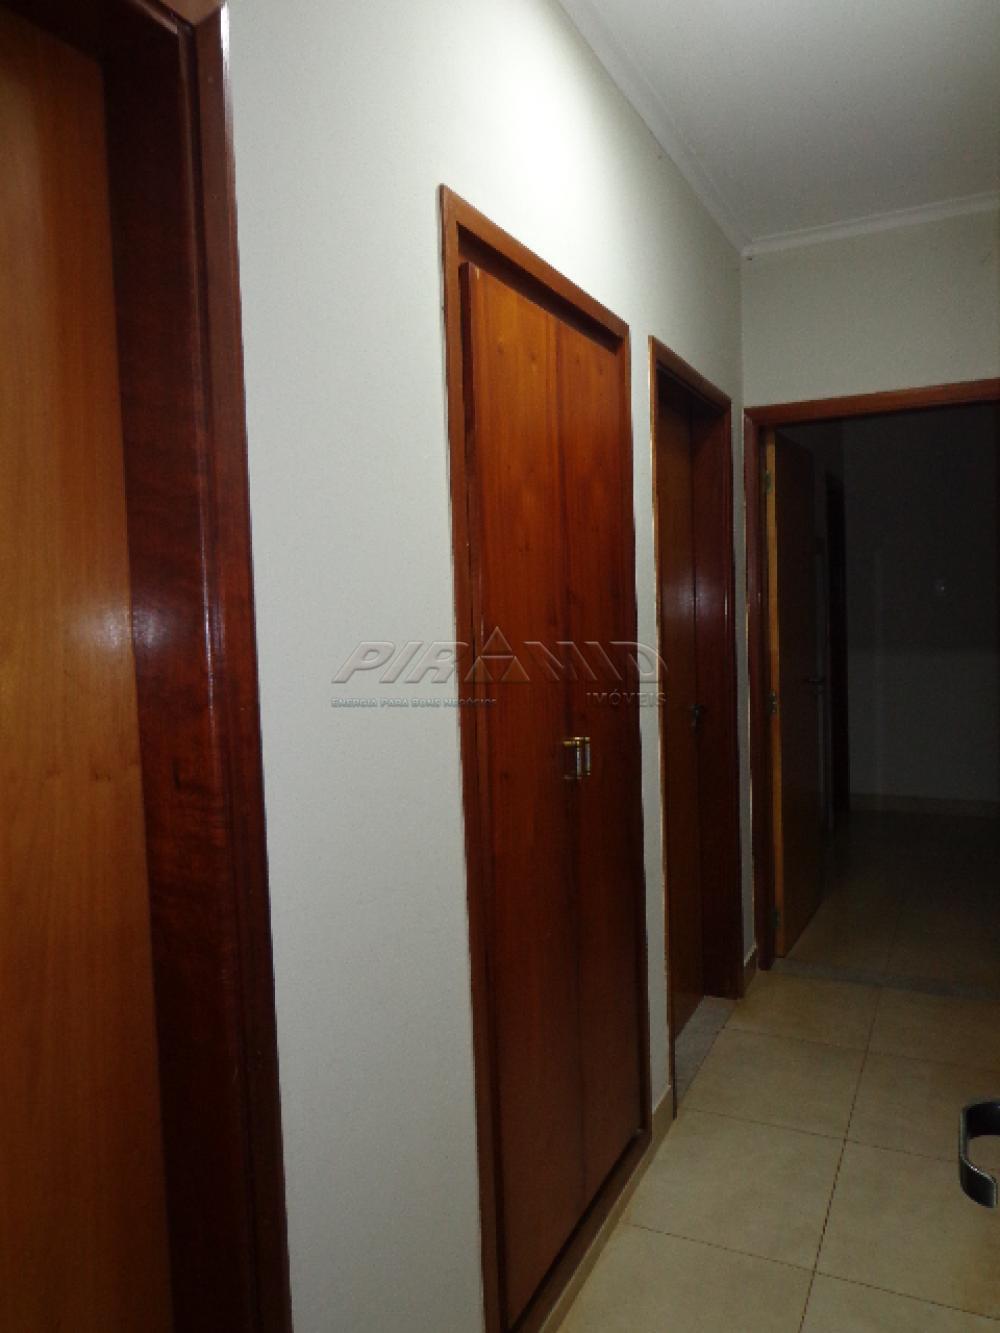 Comprar Apartamento / Padrão em Ribeirão Preto apenas R$ 450.000,00 - Foto 14